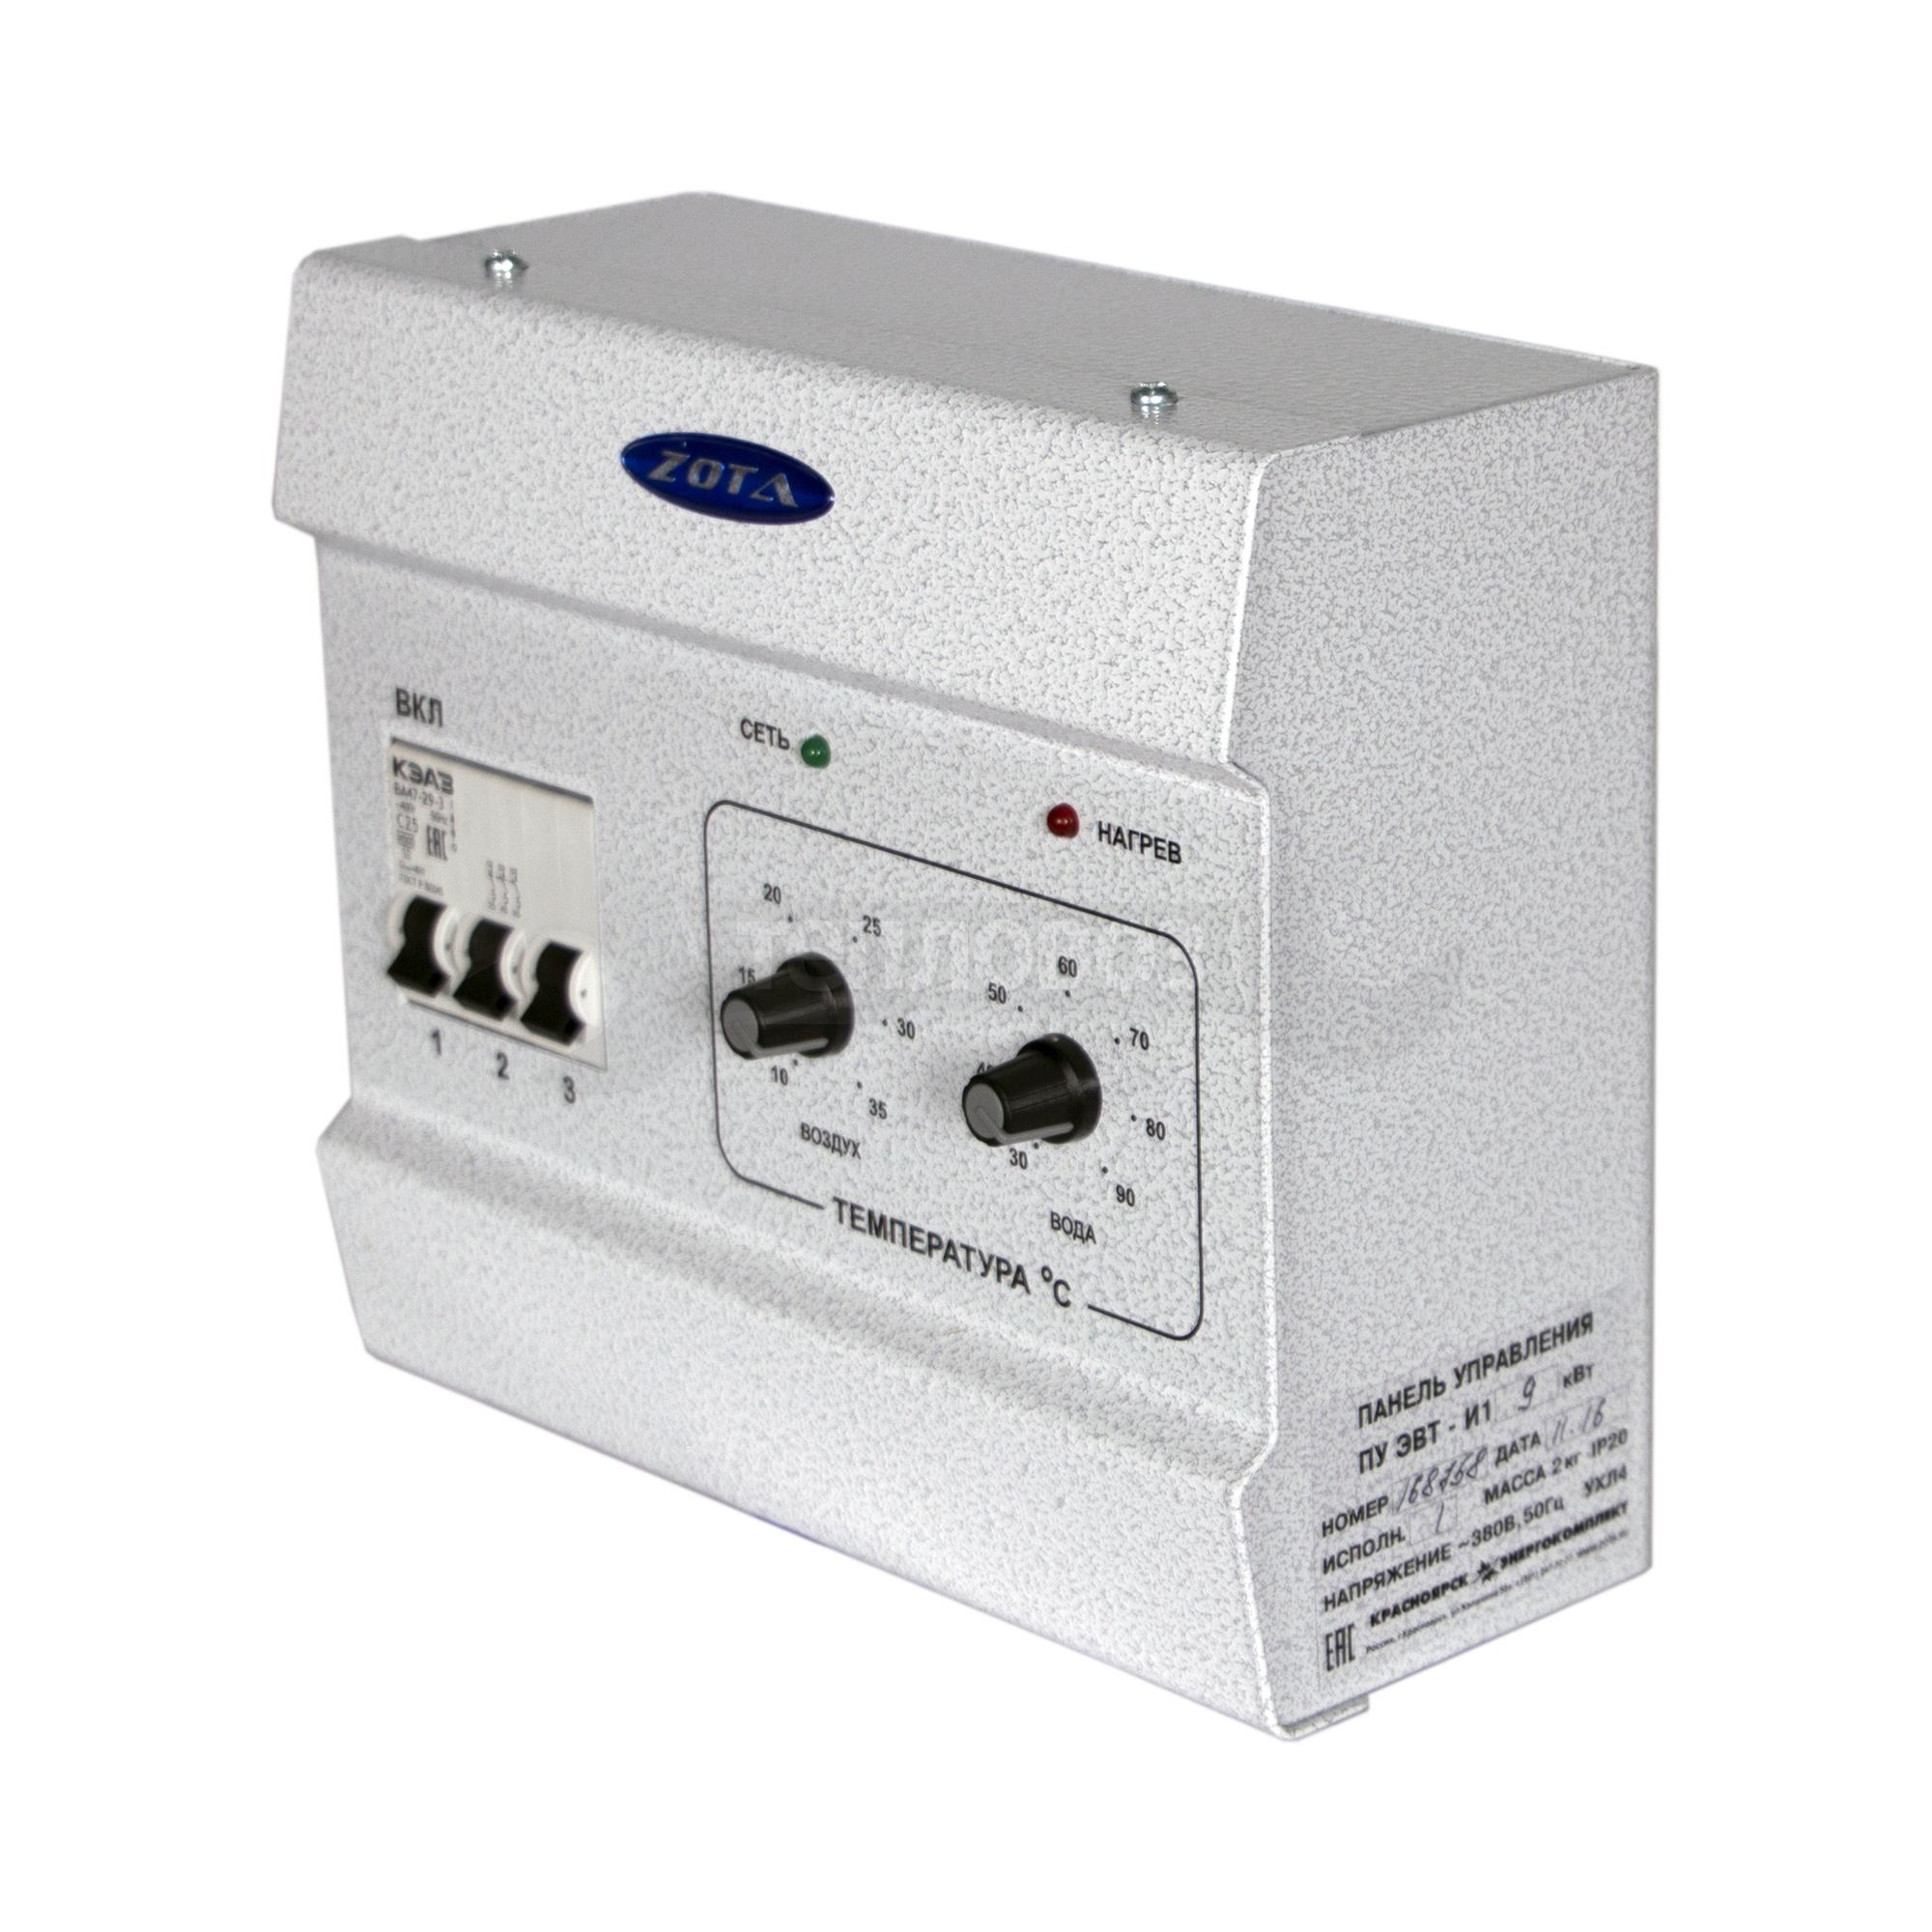 Zota ЭВТ-И1, 9 кВт